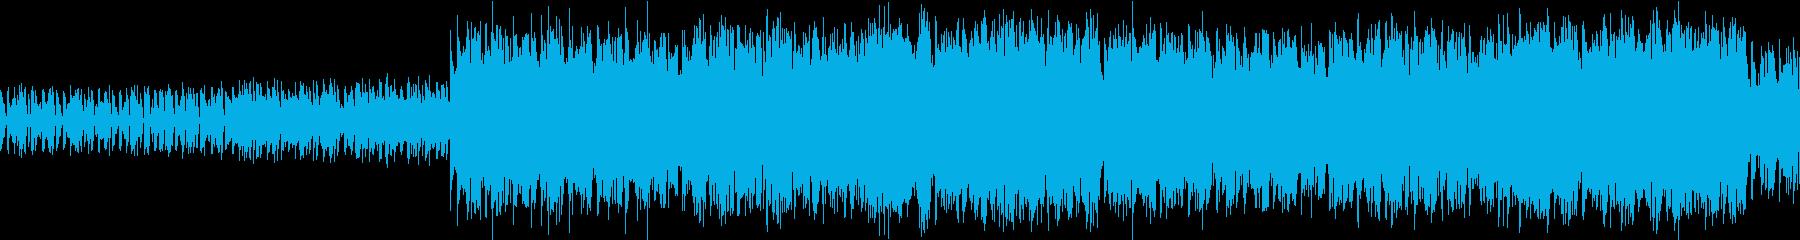 レトロなRPGバトル、ボスバトルループの再生済みの波形